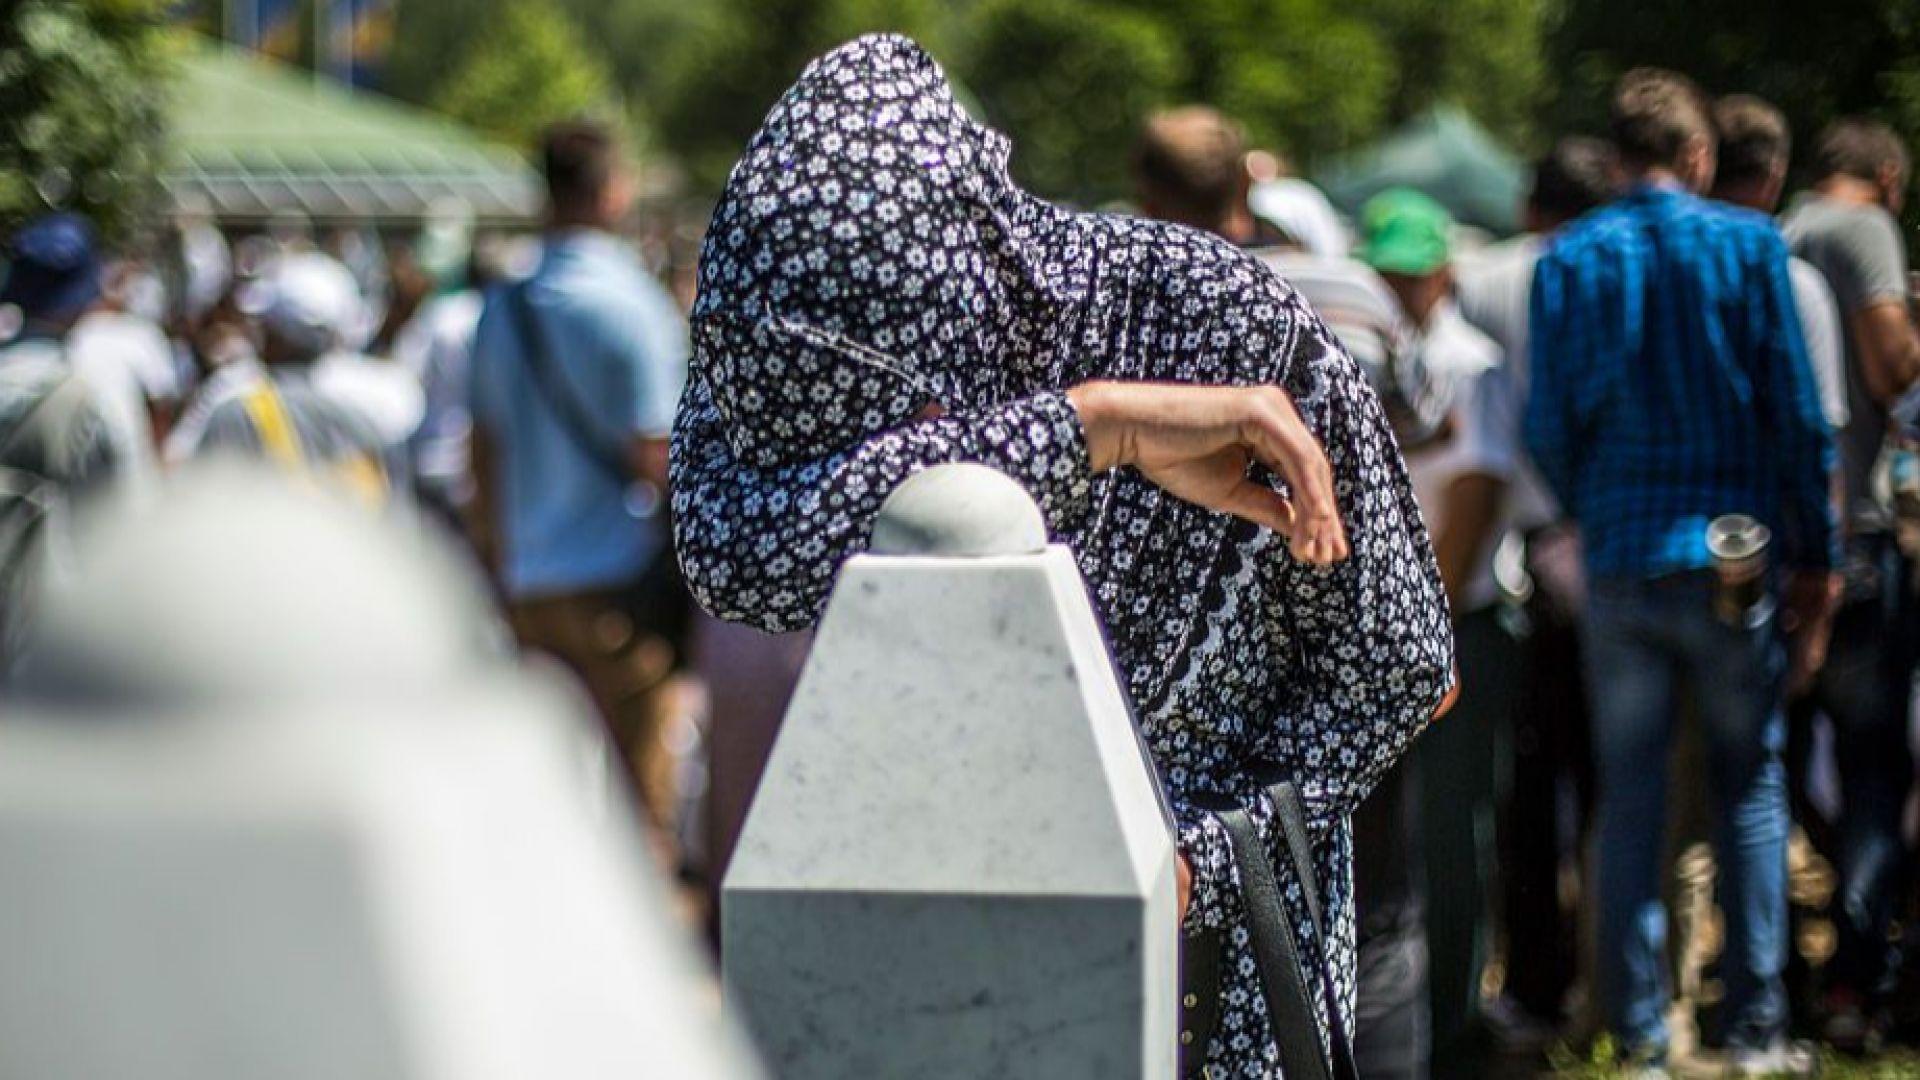 САЩ критикуваха отричането на броя на жертвите в Сребреница